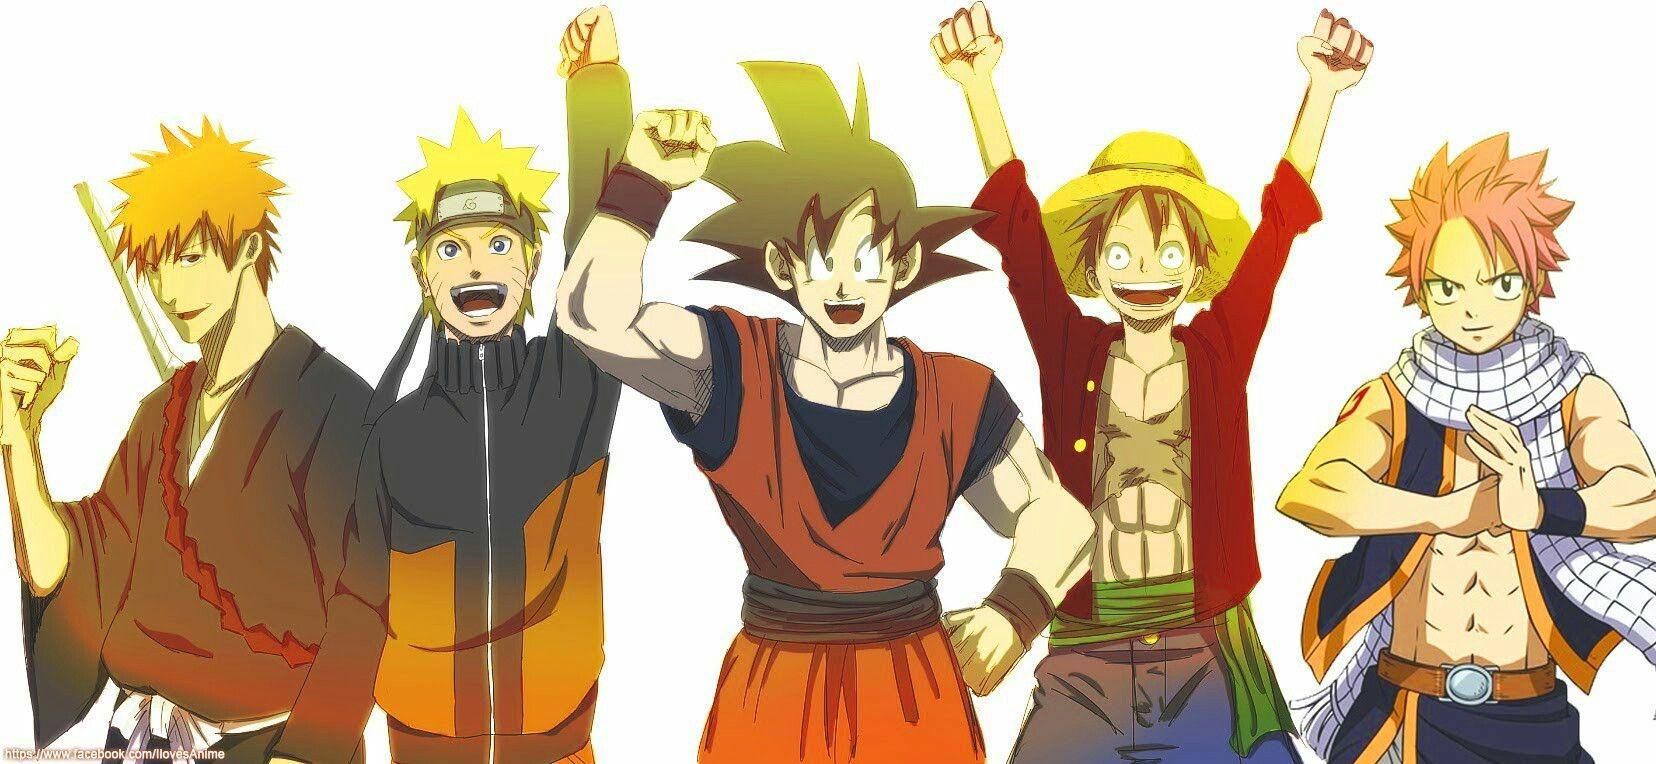 Ichigo Bleach Naruto Goku Dragonball Z Luffy One Piece Natsu Fairy Tail Crossover Anime Anime Crossover Anime Movies Anime Characters